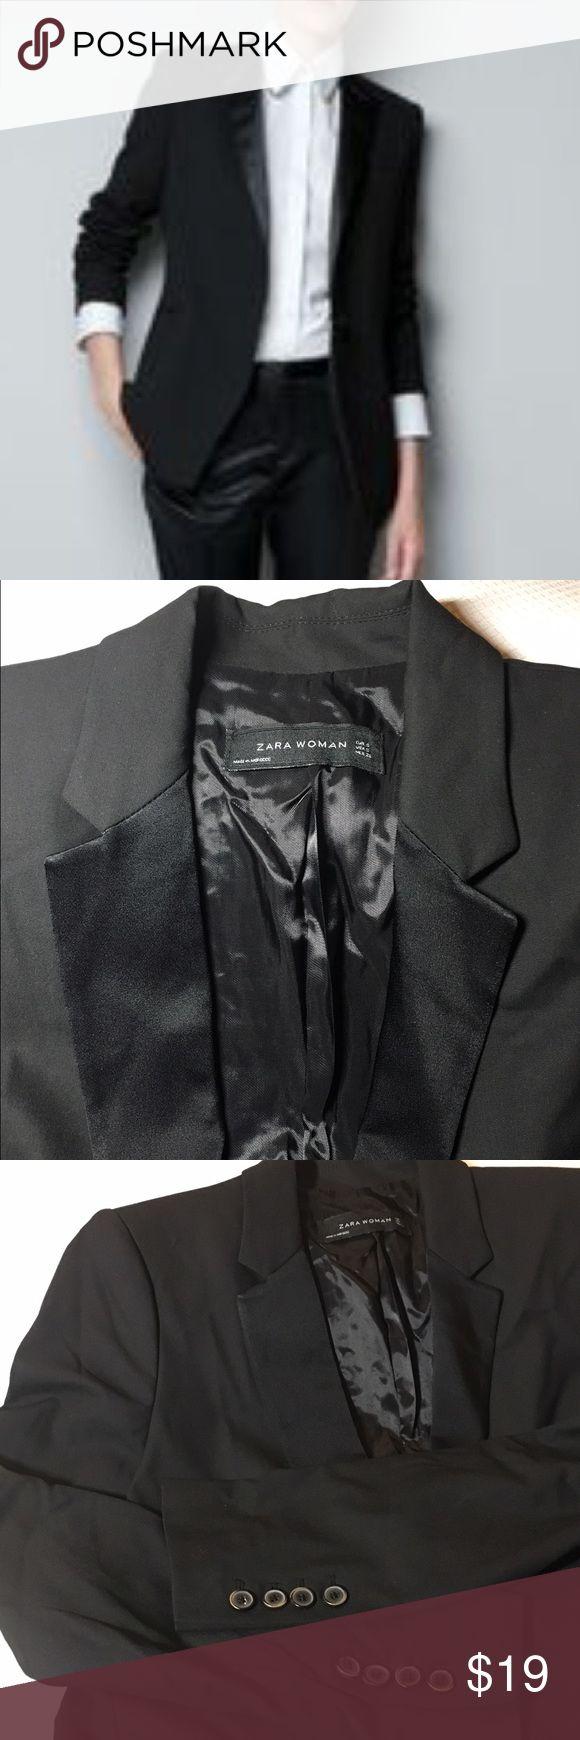 NEW‼️ZARA BLAZER‼️SALE‼️LAST ONE M size NEW ZARA BLACK BLAZER Zara Jackets & Coats Blazers